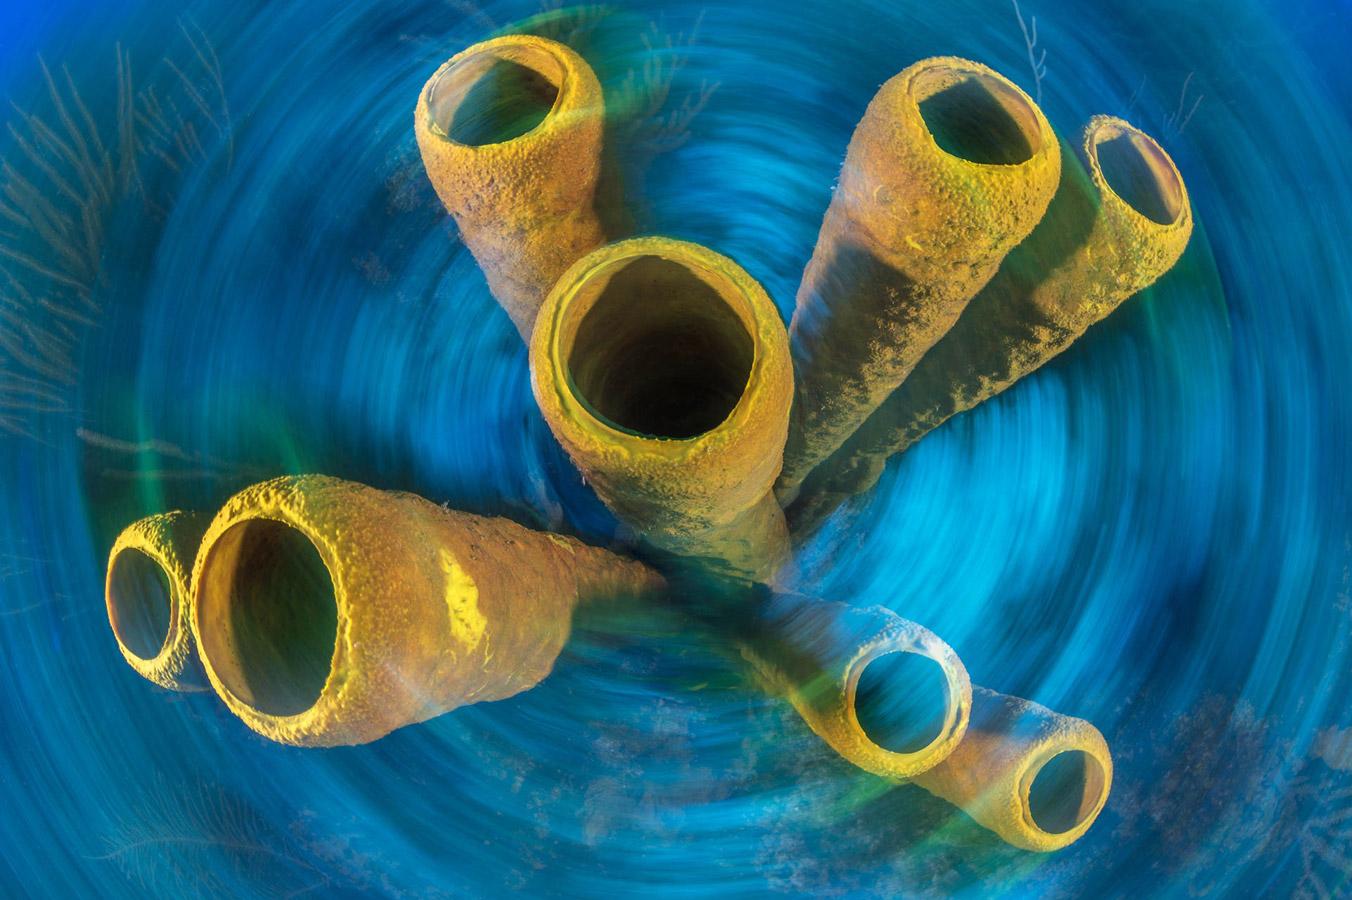 © Алекс Мустард / Alex Mustard, Победитель в категории «Подводная фотография», Фотоконкурс Oasis Photo Contest